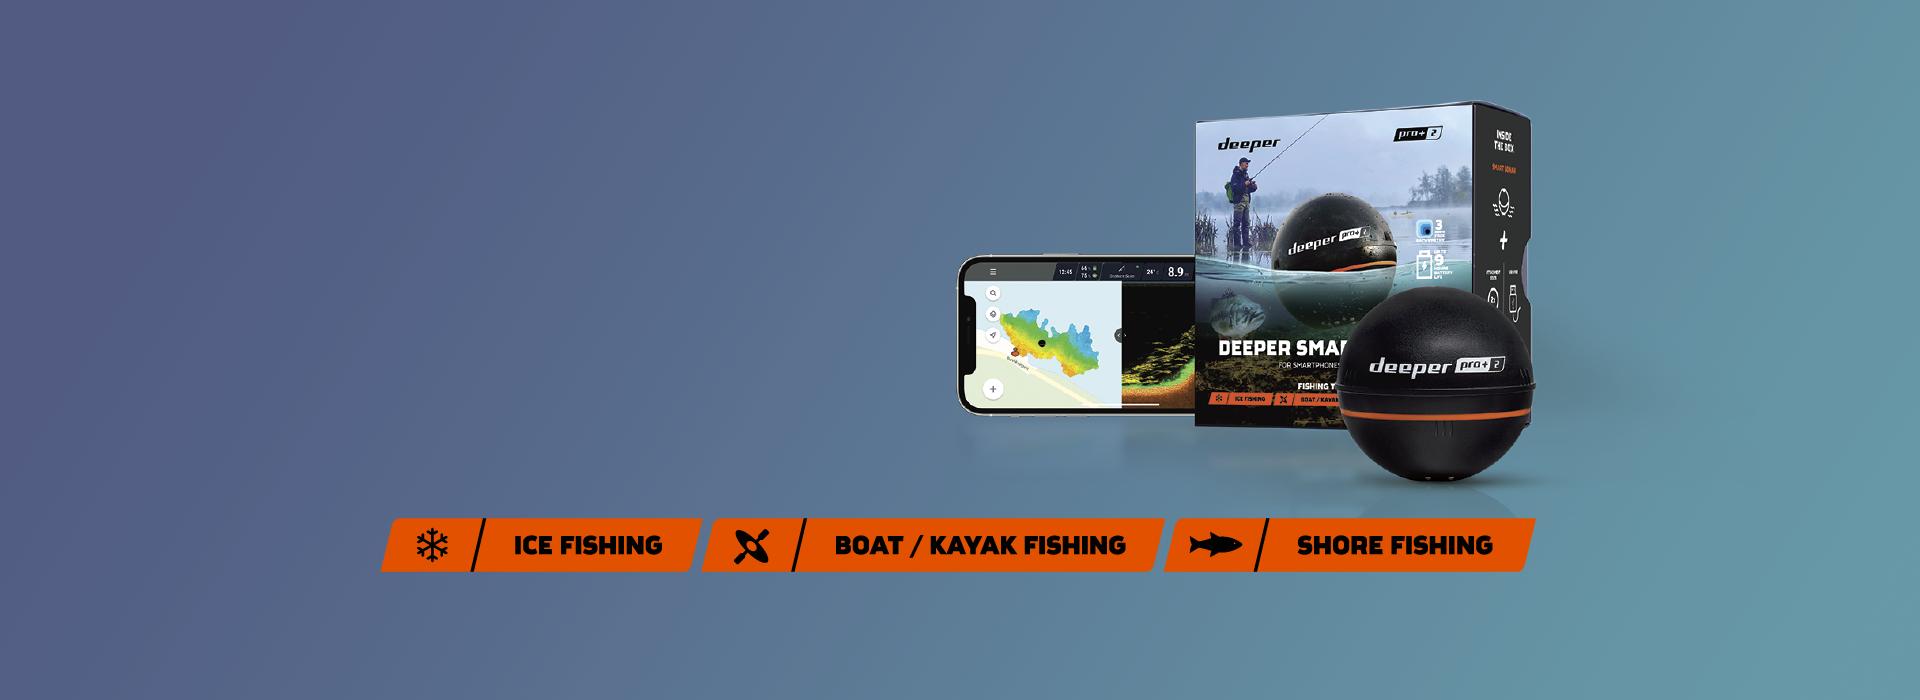 Nye Deeper PRO + 2! Elsket av sportsfiskere over hele verden.Nå forbedret og bedre enn noensinne.